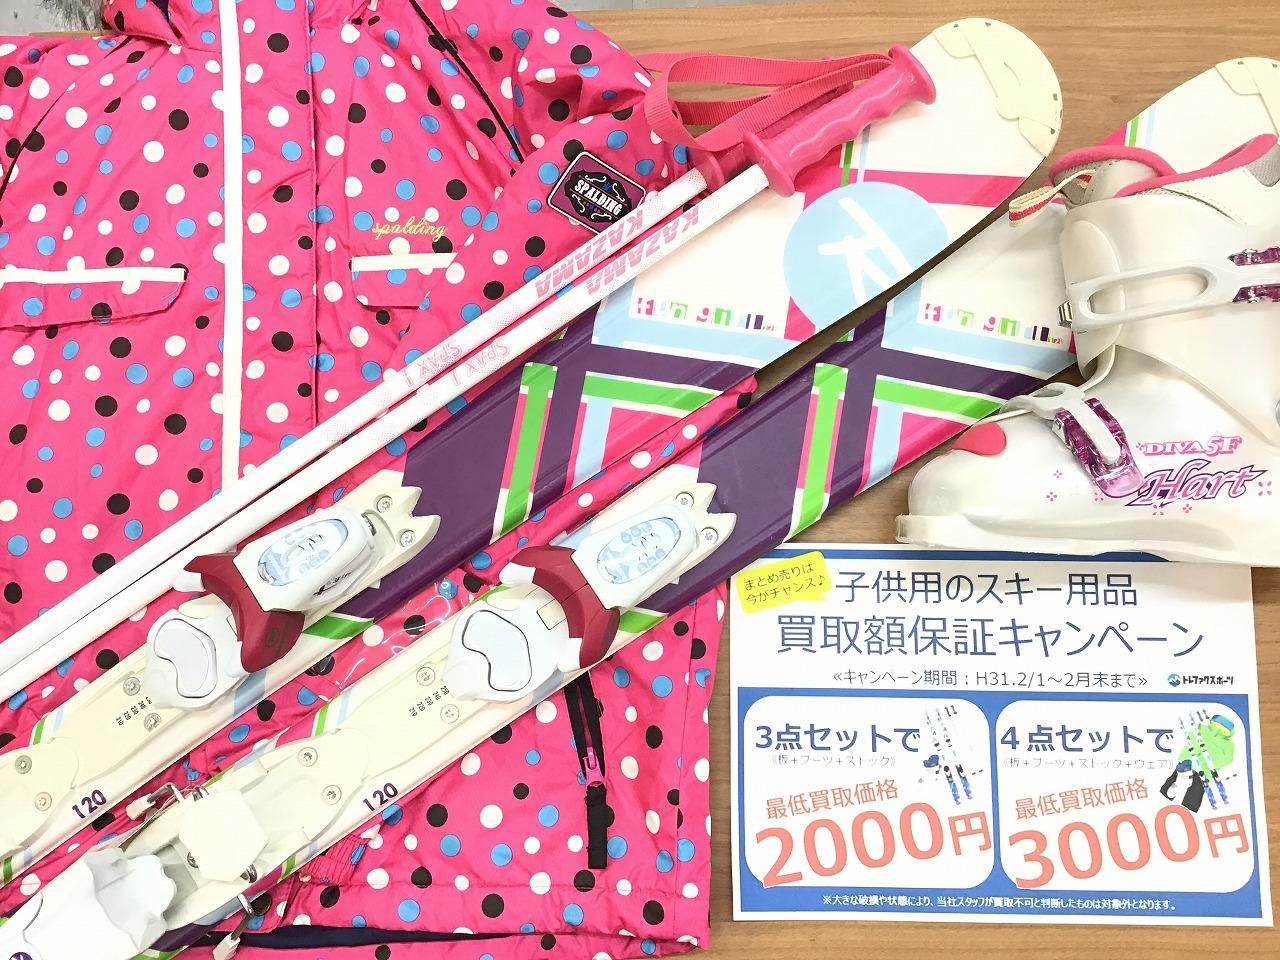 【スポーツ幕張】残りわずか!子供のスキー用品を売るなら2月がお得です!